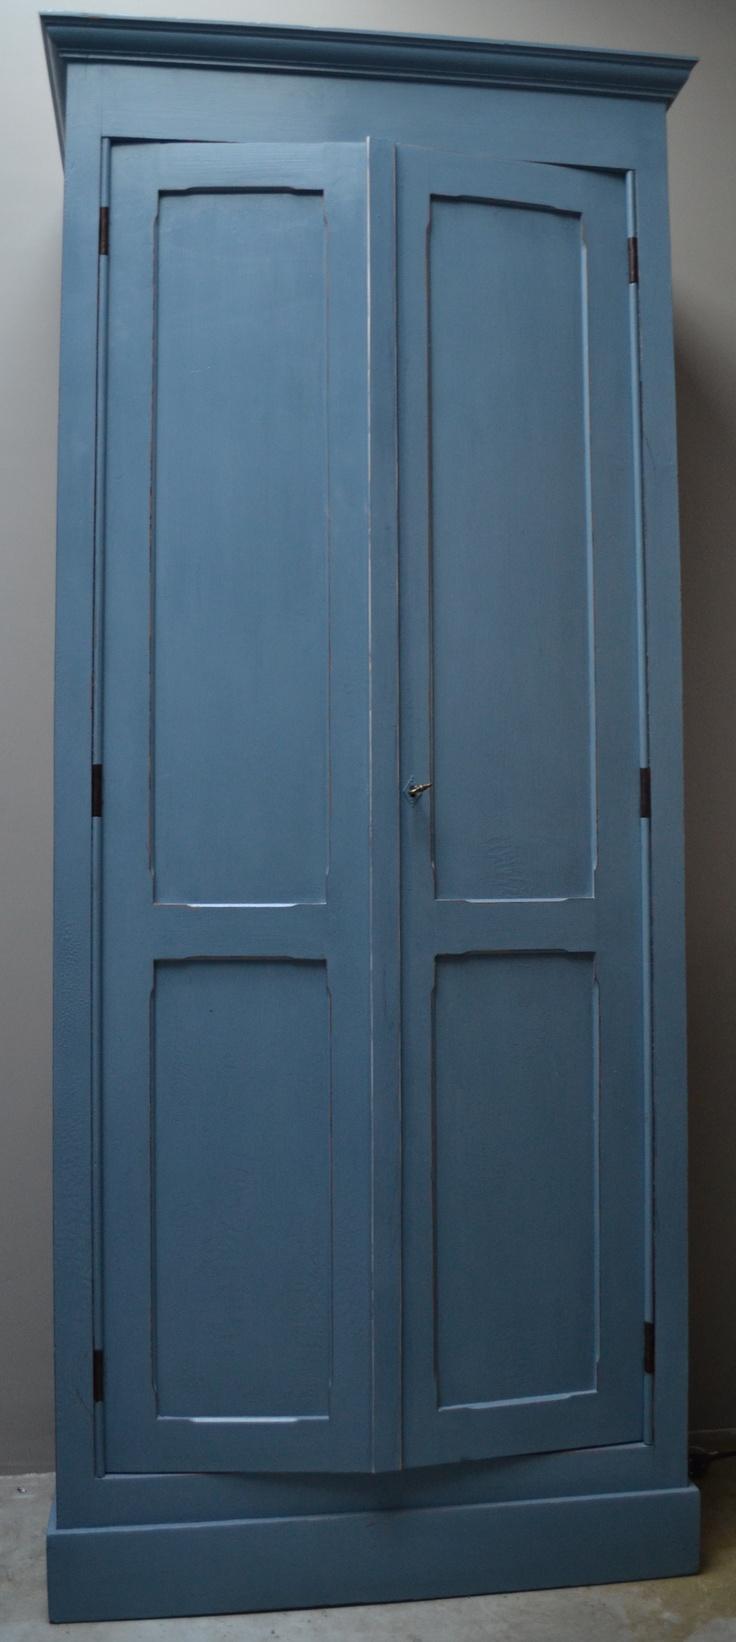 Brocante oude kast helemaal opgeknapt en geschilderd met een oud blauwe kleur. Genoeg leuke plekken voor te bedenken. Cedante.nl